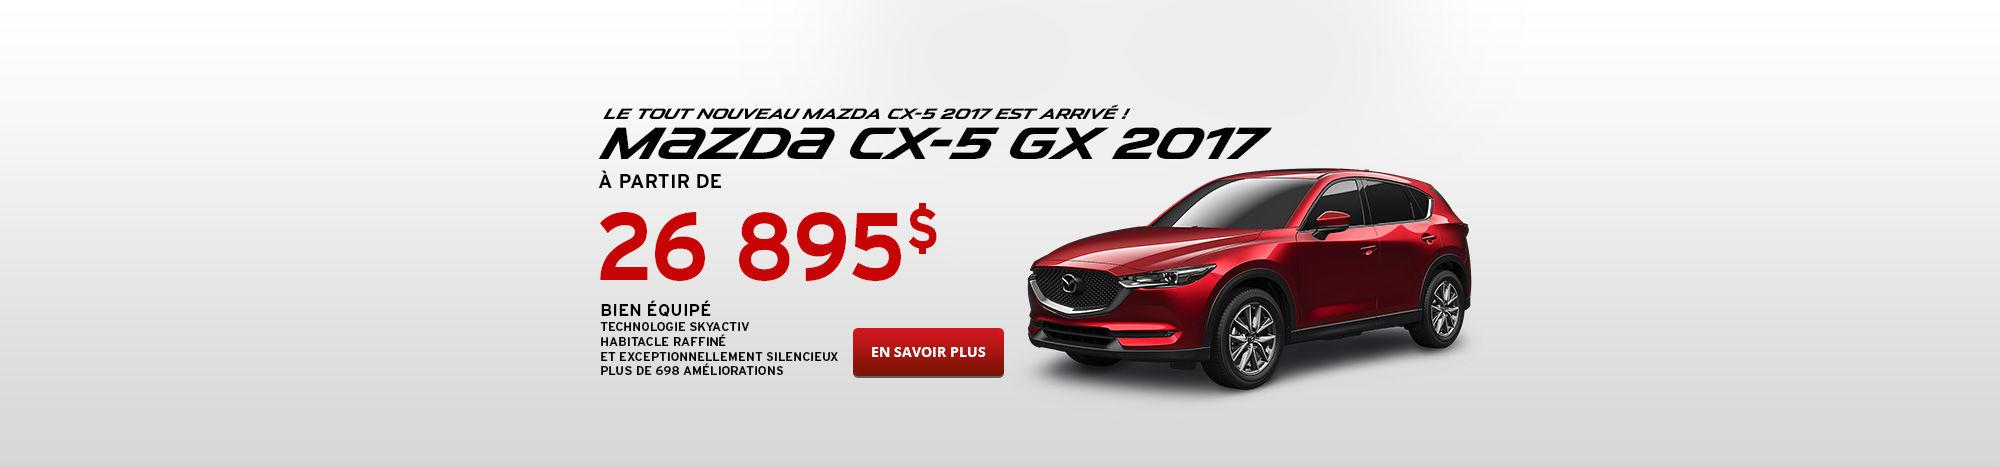 Promo Mazda CX-5 Fr